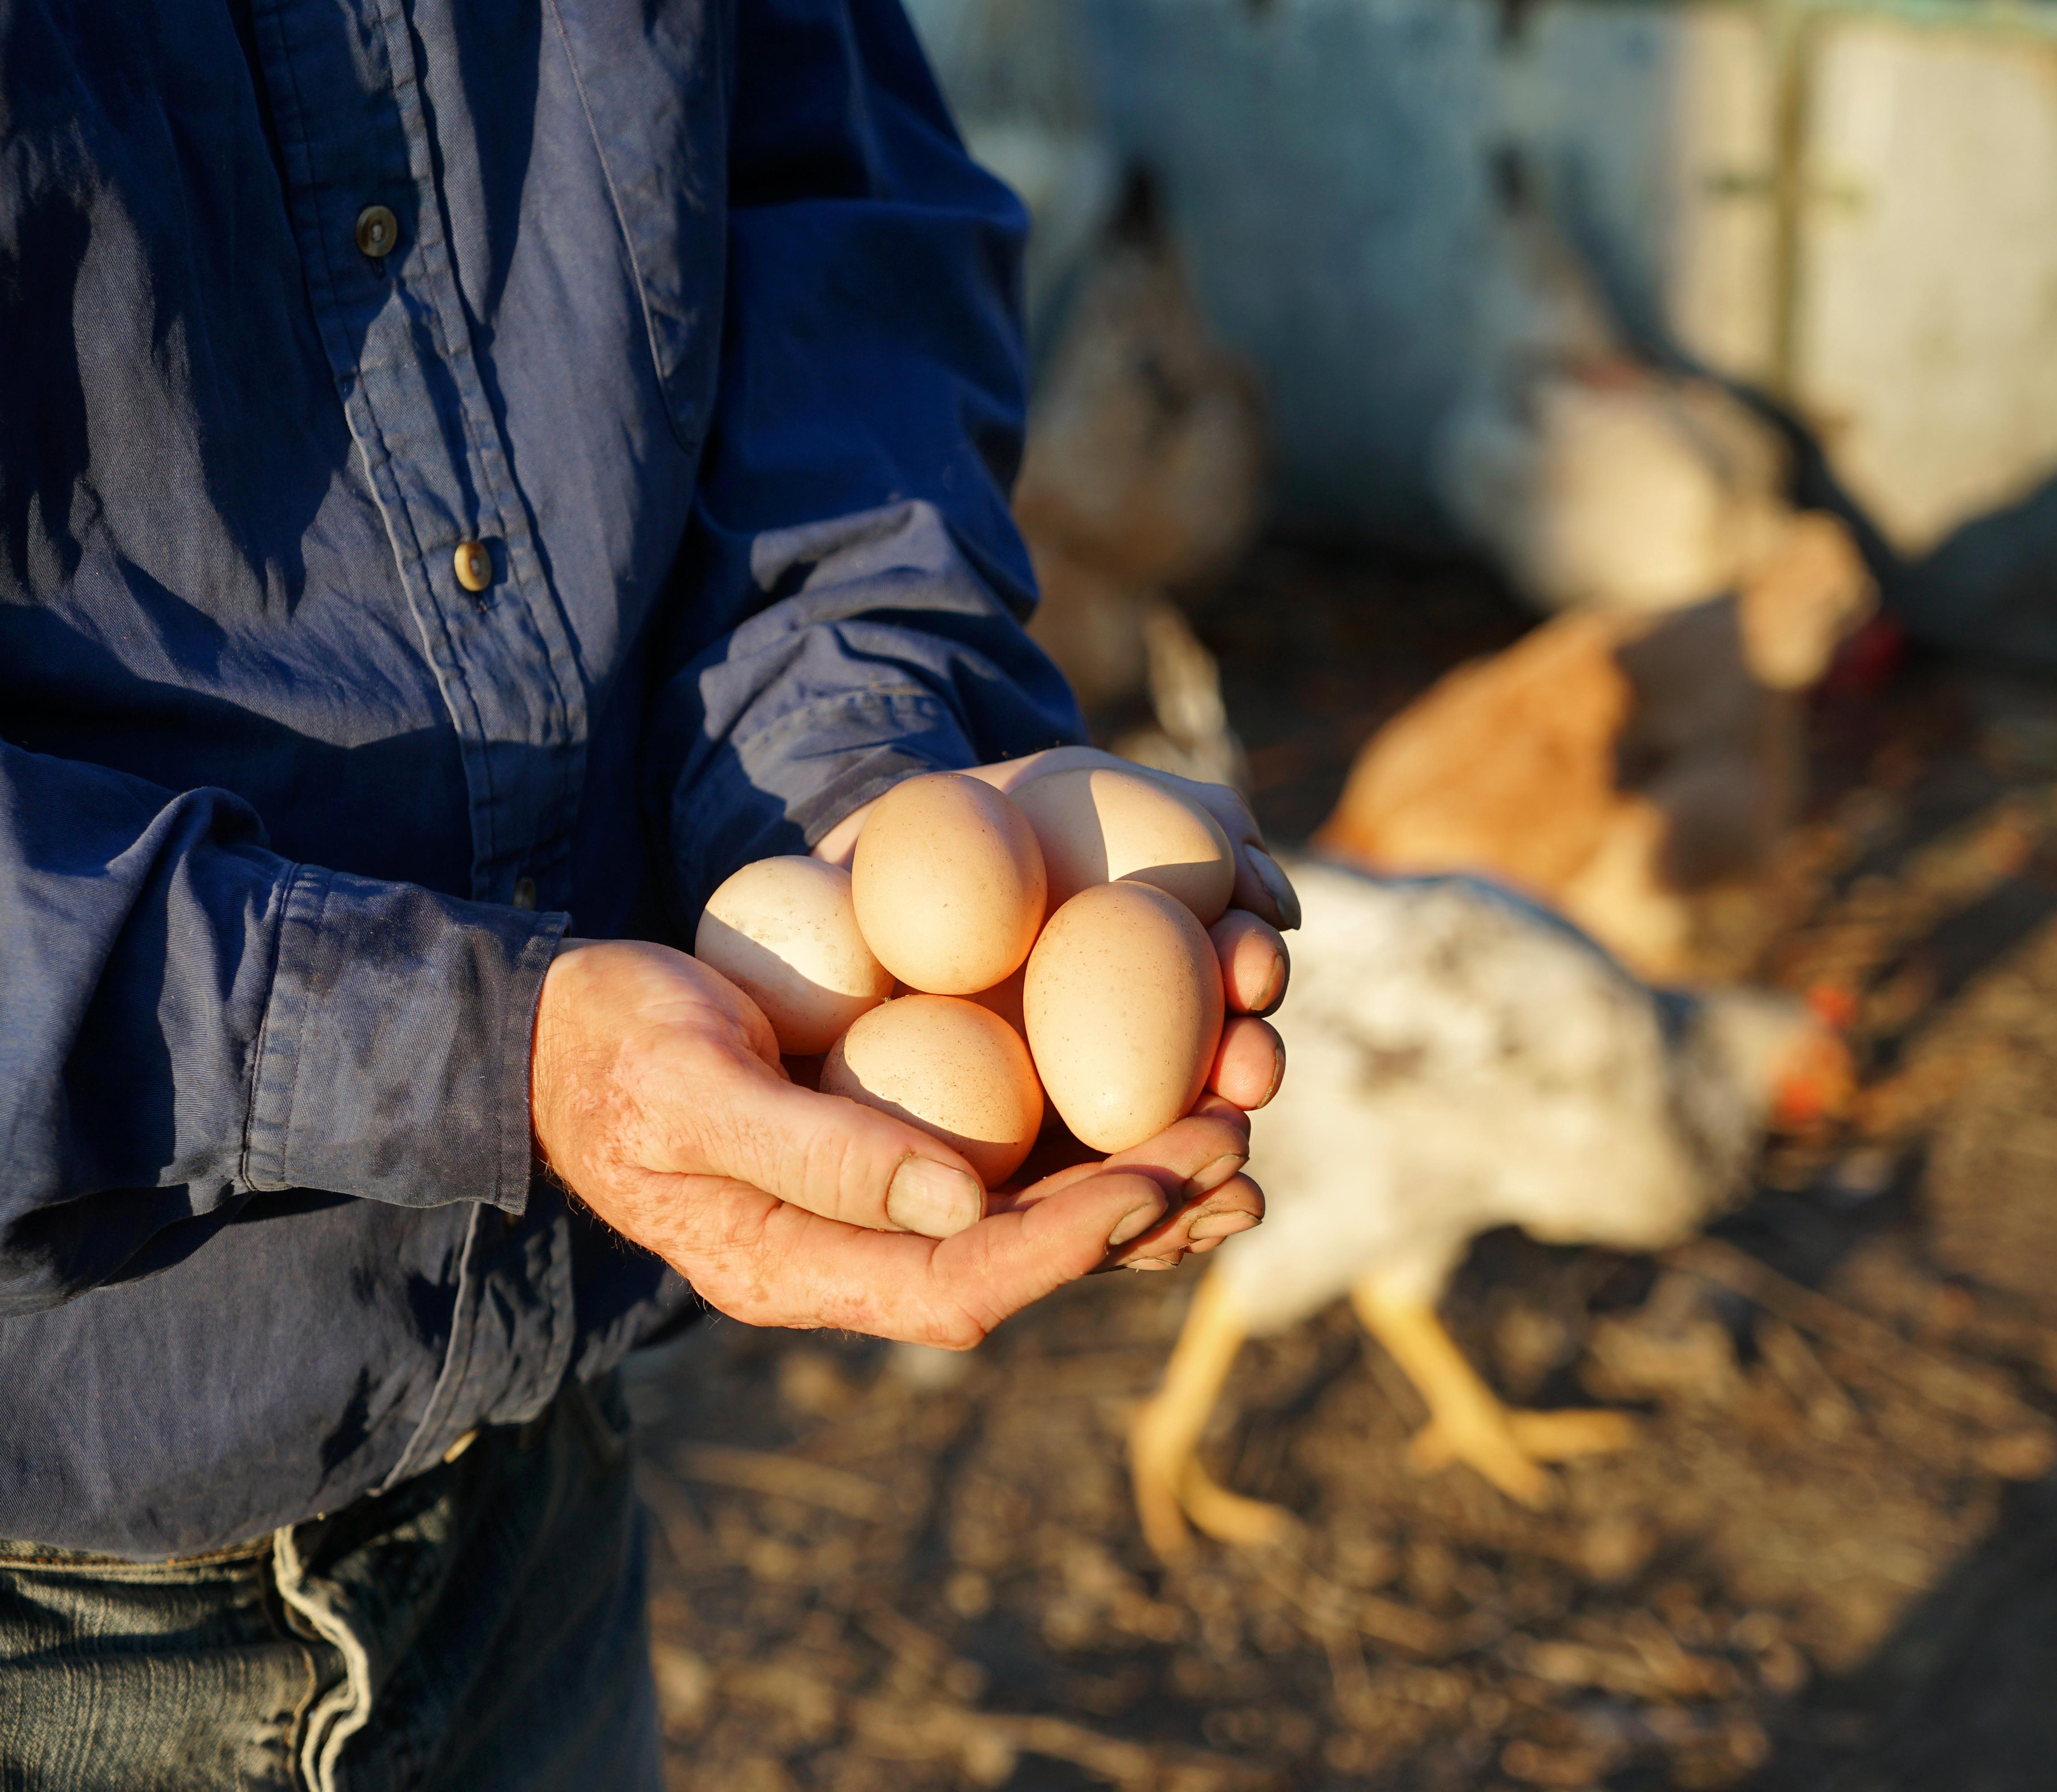 Bara under påskveckan köper vi över 3 000 ton ägg vilket motsvarar cirka 50 miljoner ägg.